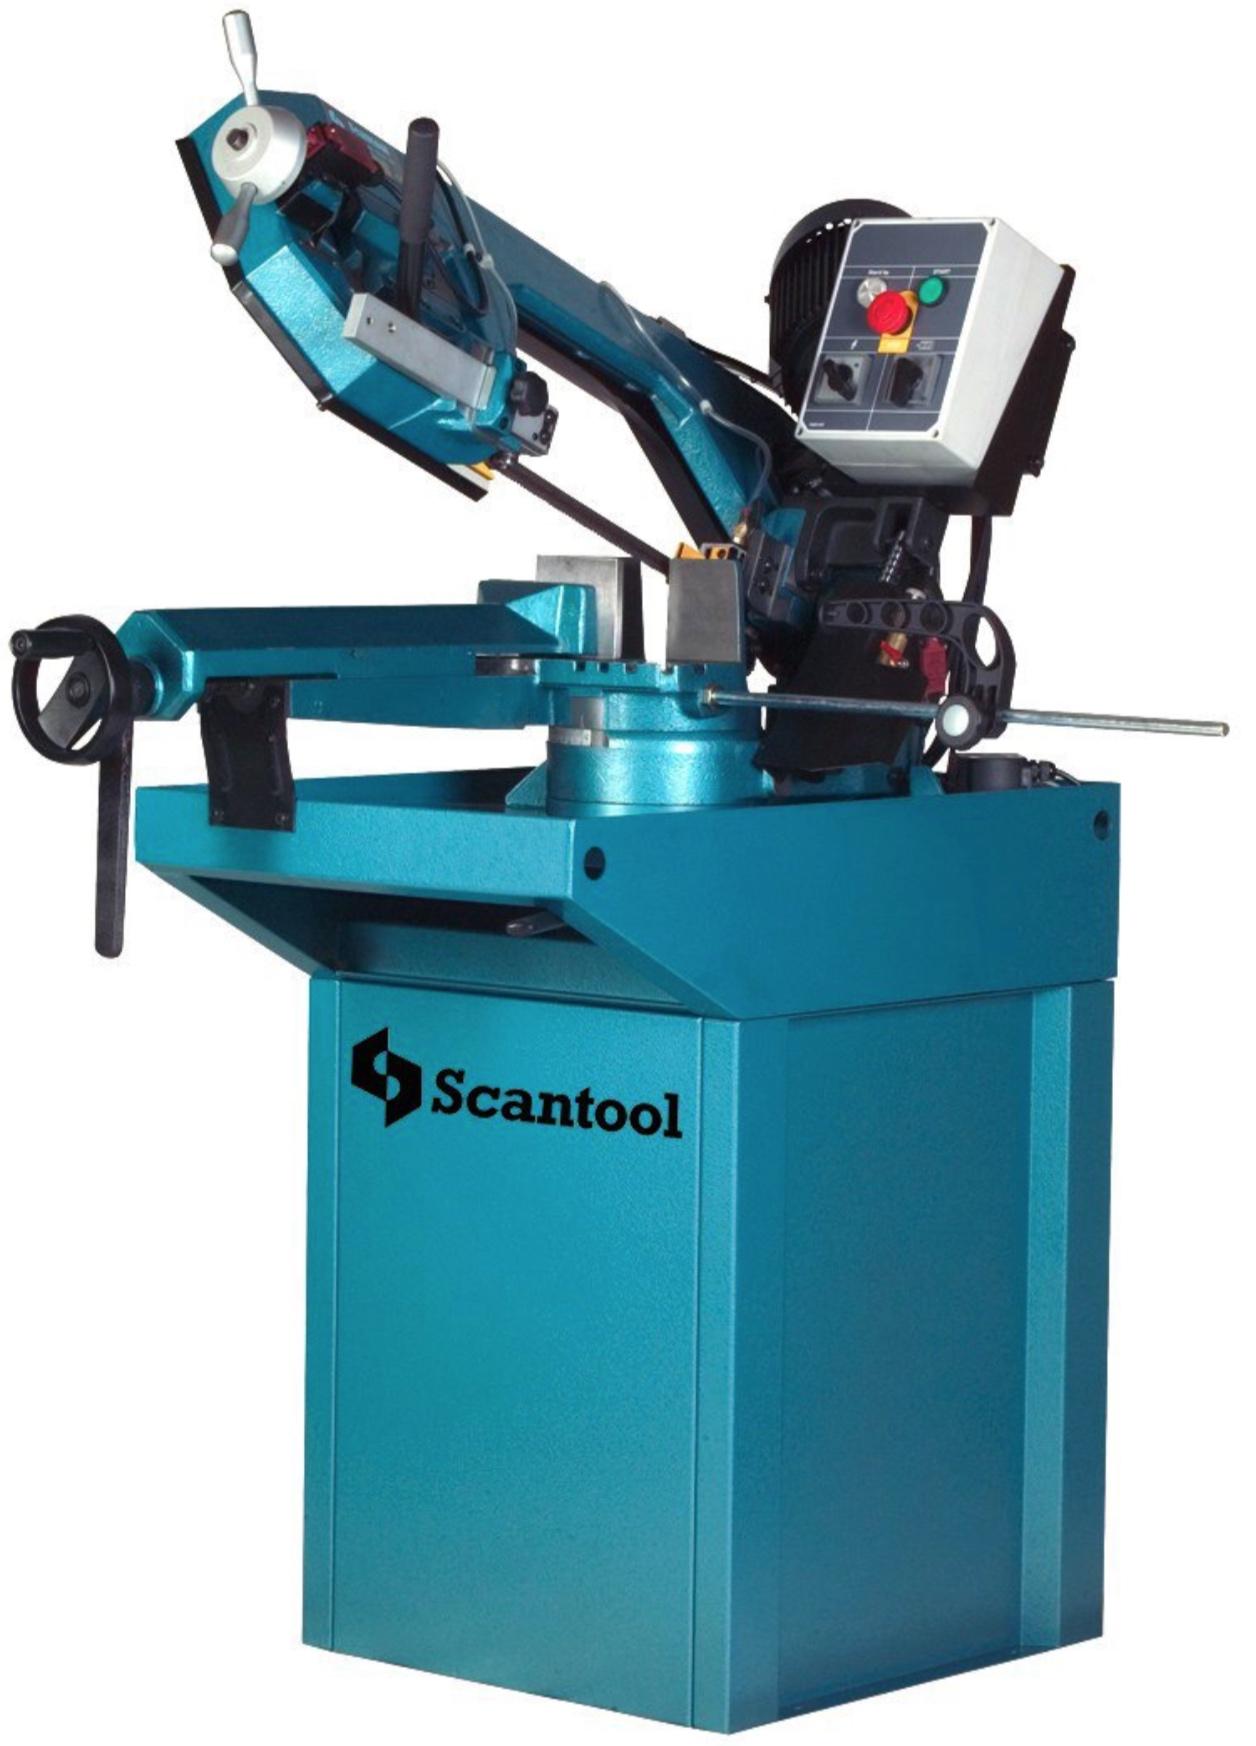 Przecinarka taśmowa do cięcia metalu pod kątami Scantool Model 220/280 GSHT